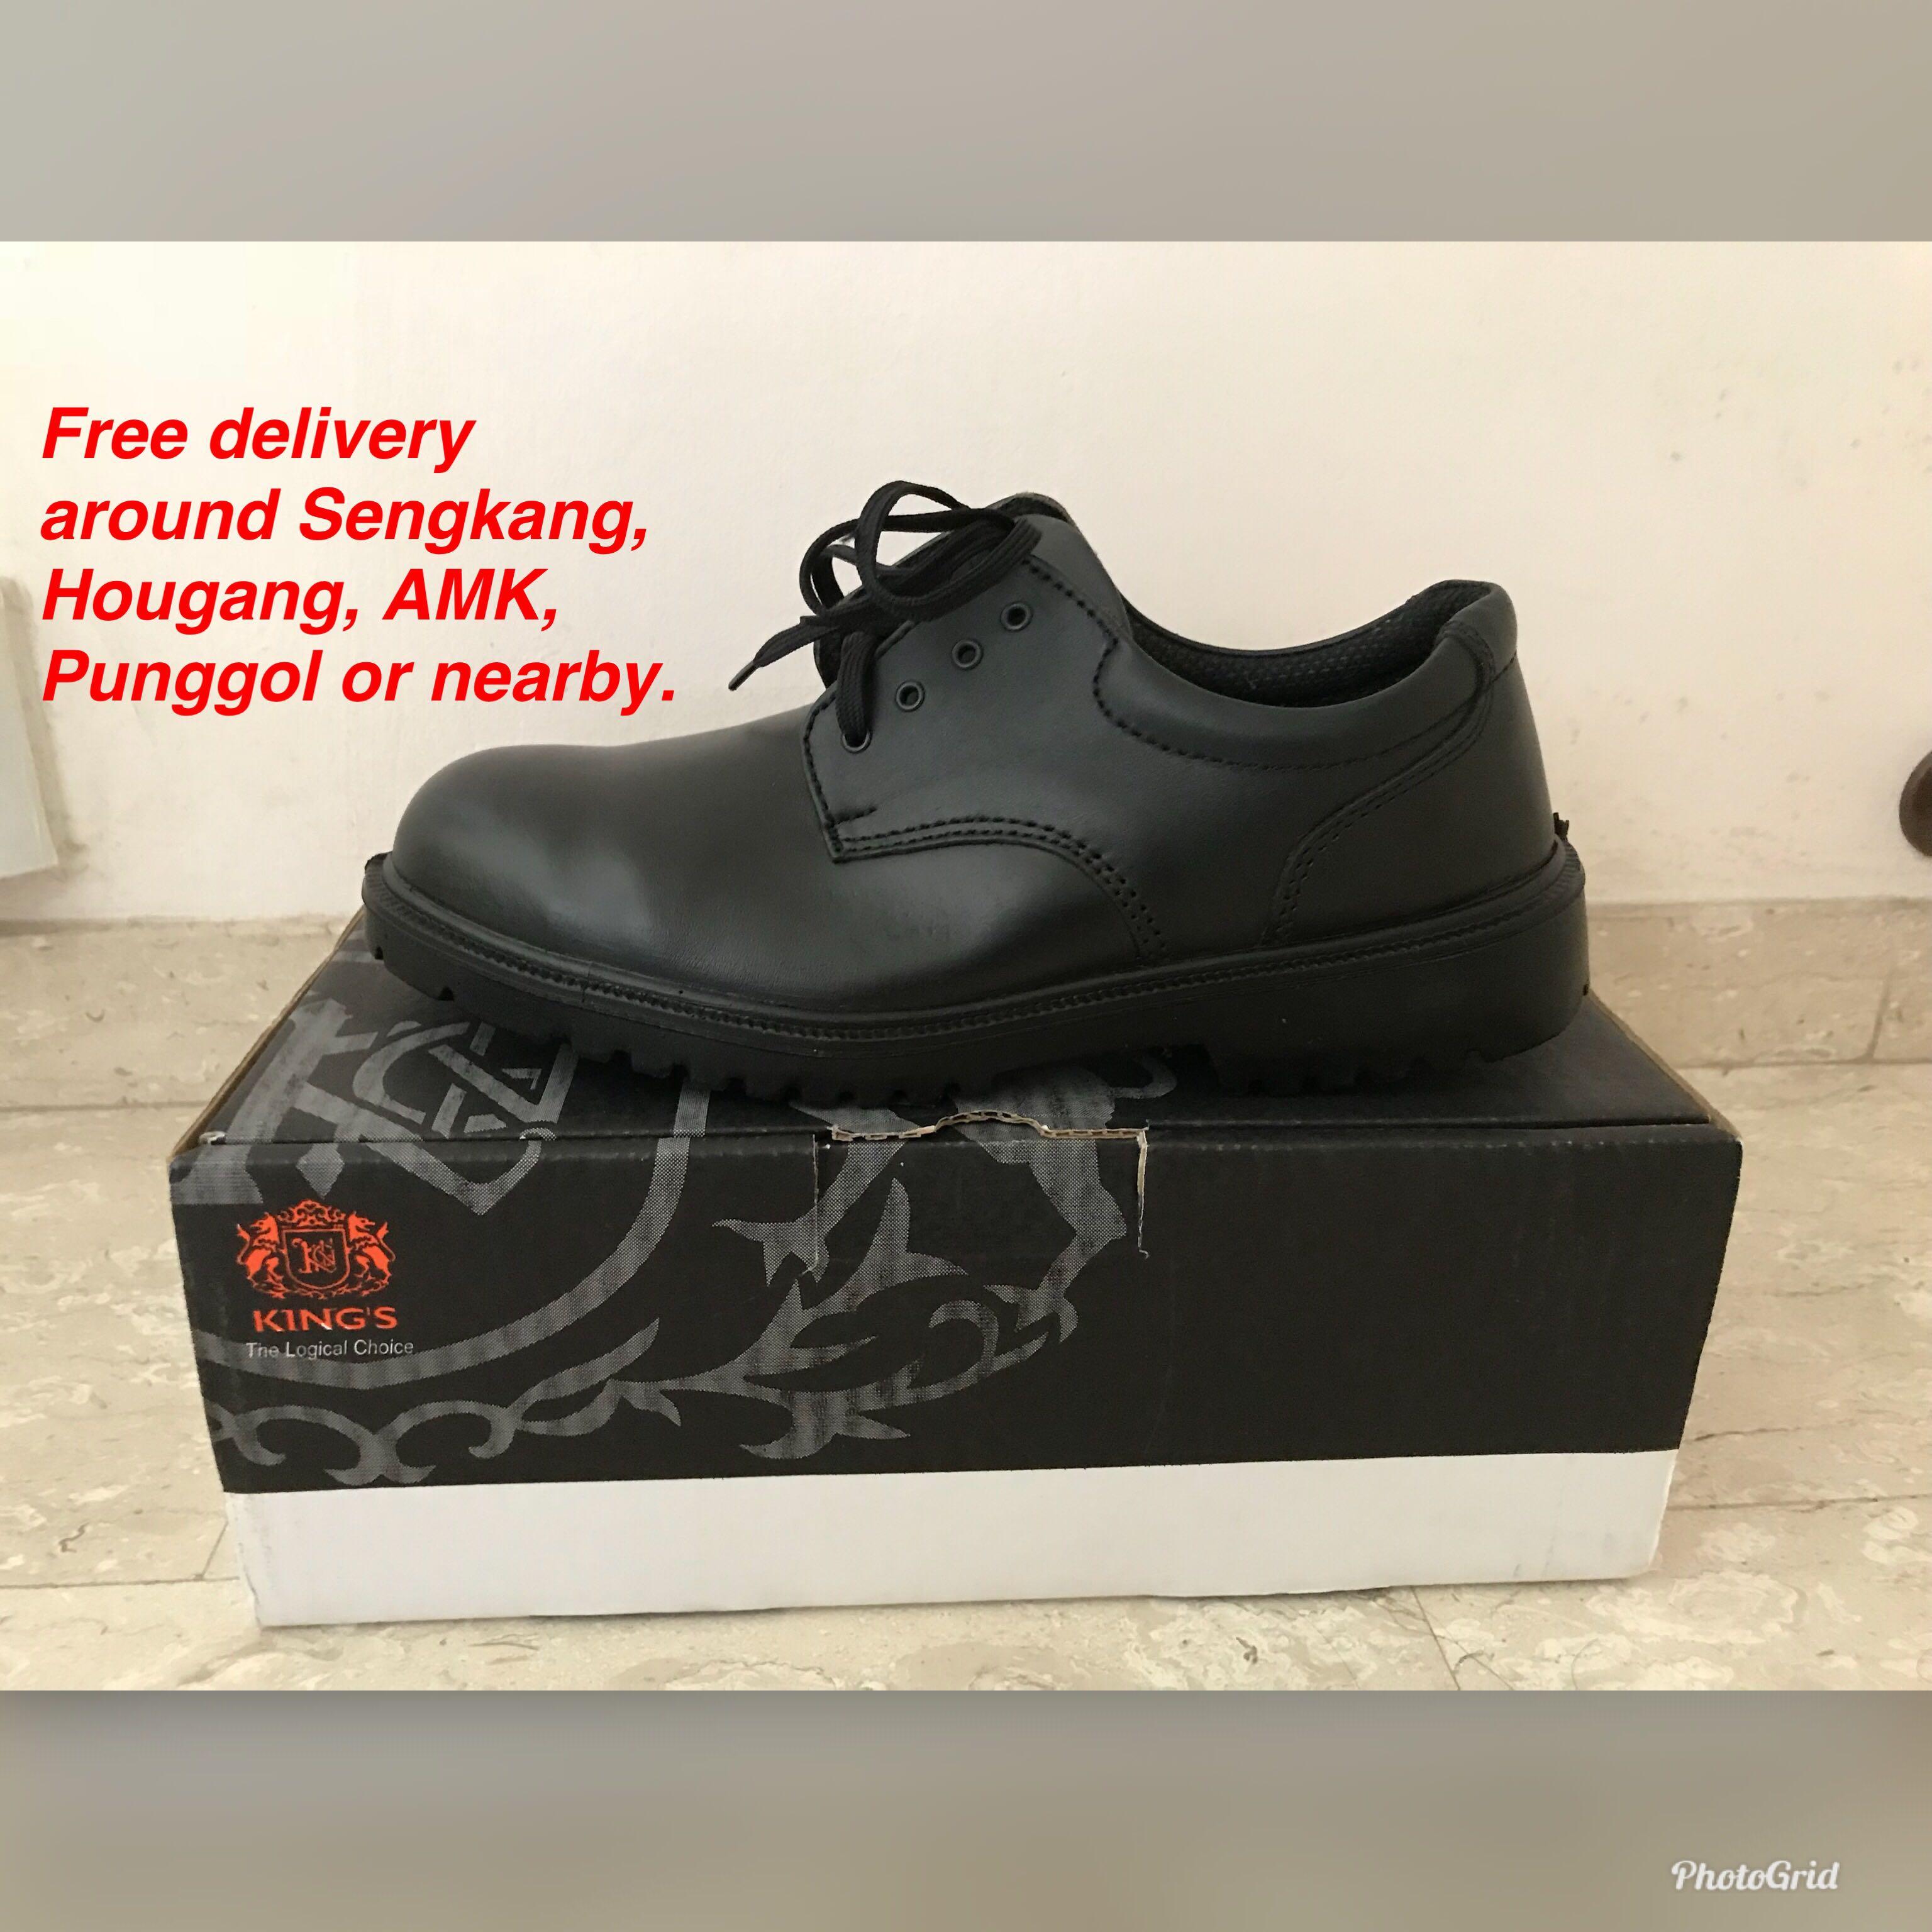 3b855a4b8a5b Home · Men s Fashion · Footwear · Boots. photo photo ...